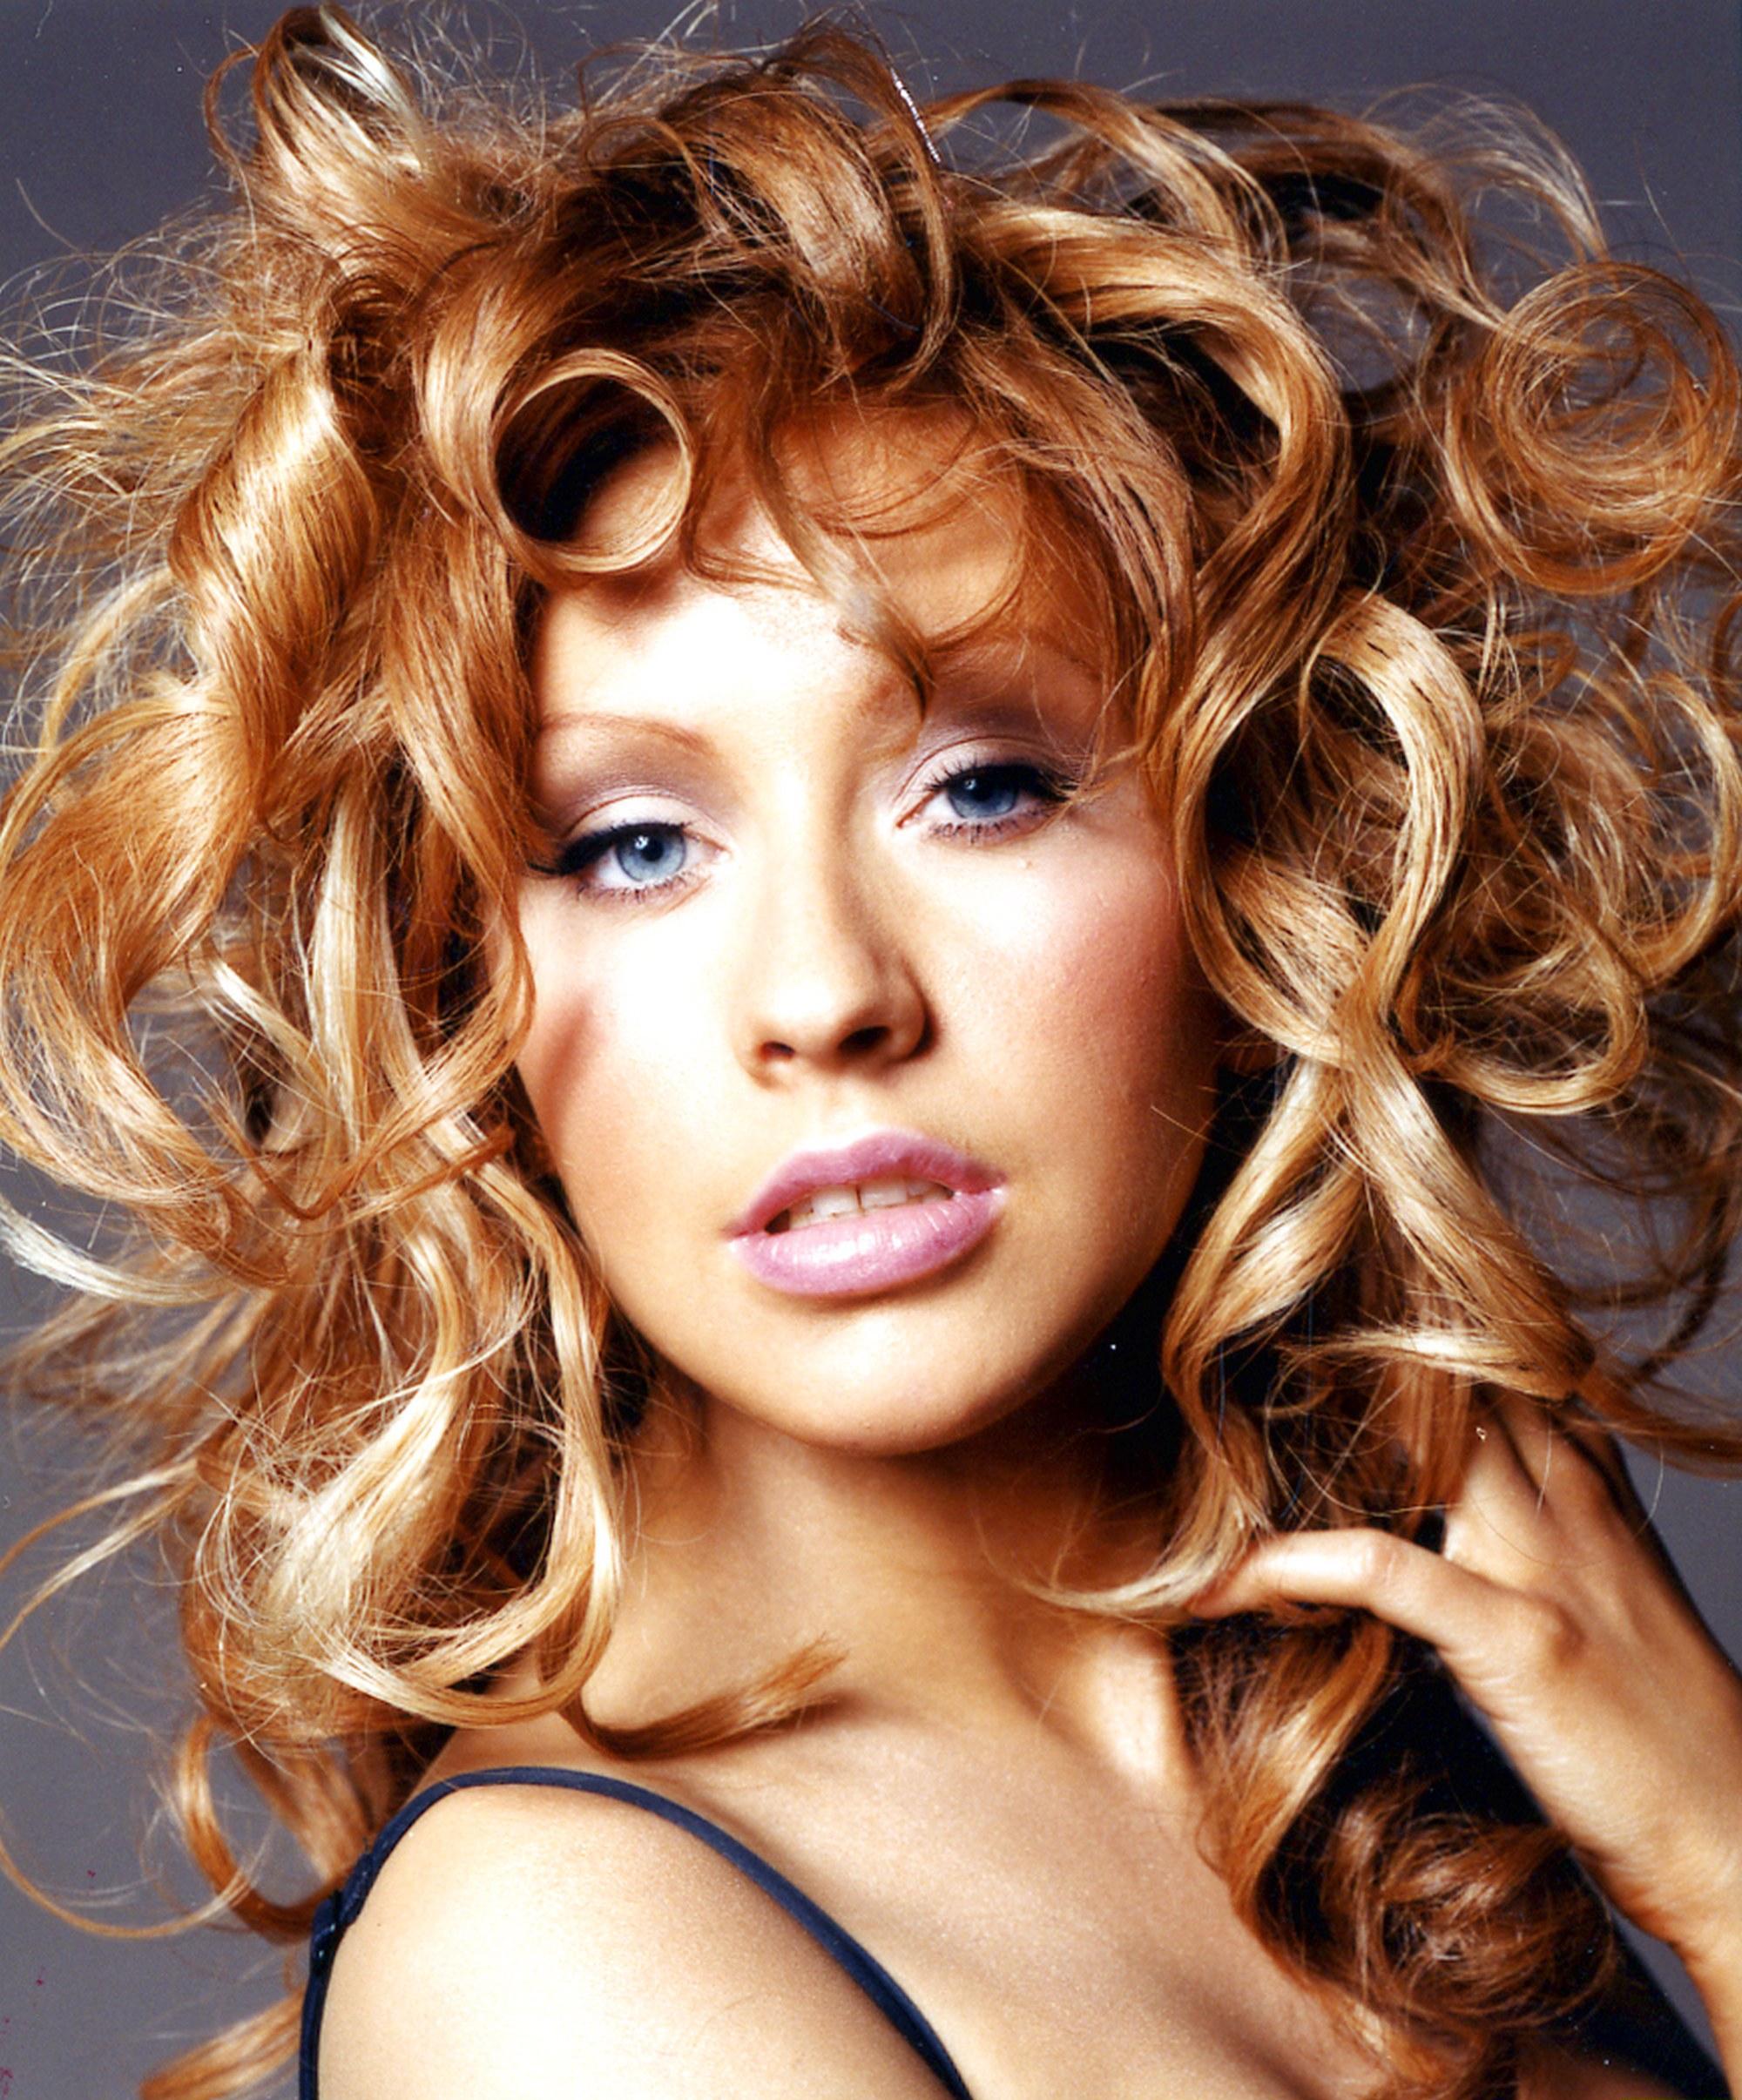 84961_Christina_Aguilera-011444_Glamour_UK_Photoshoot_122_415lo.jpg